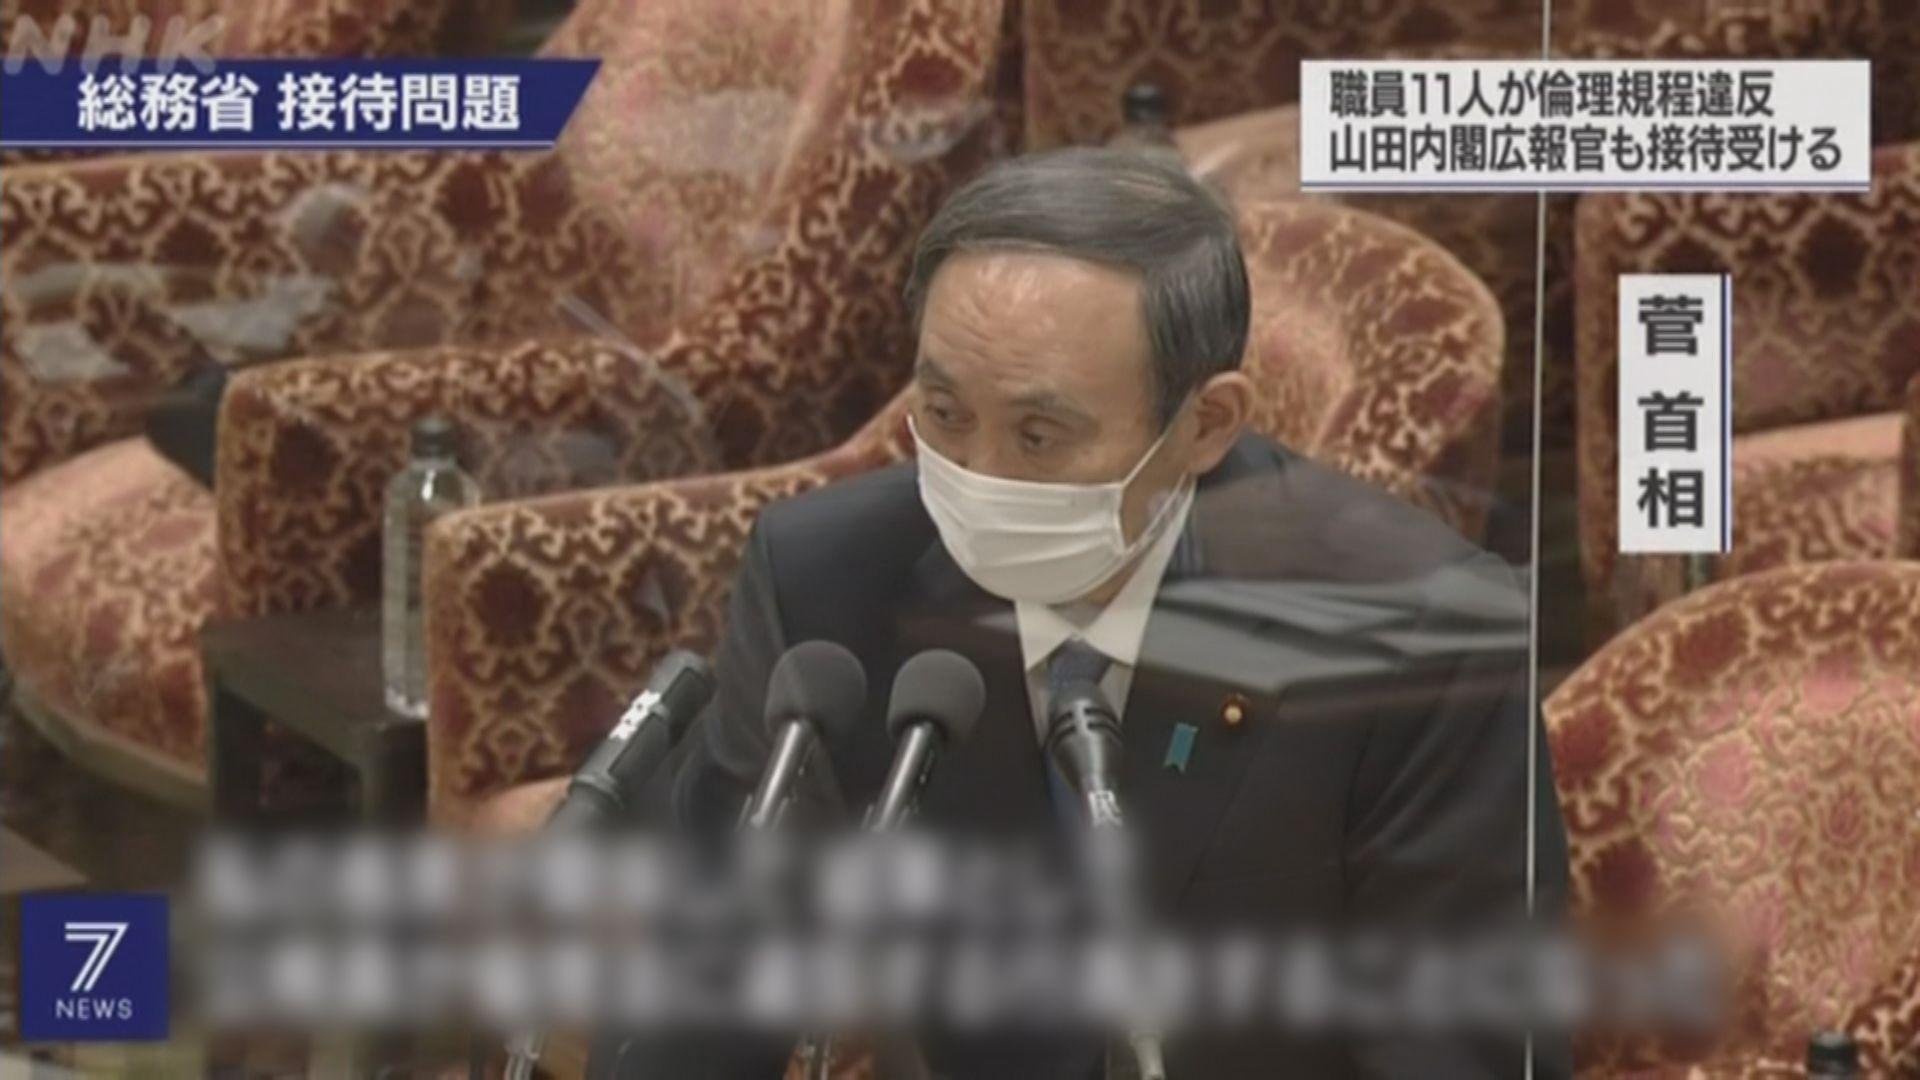 菅義偉就長子曾款待總務省官員道歉